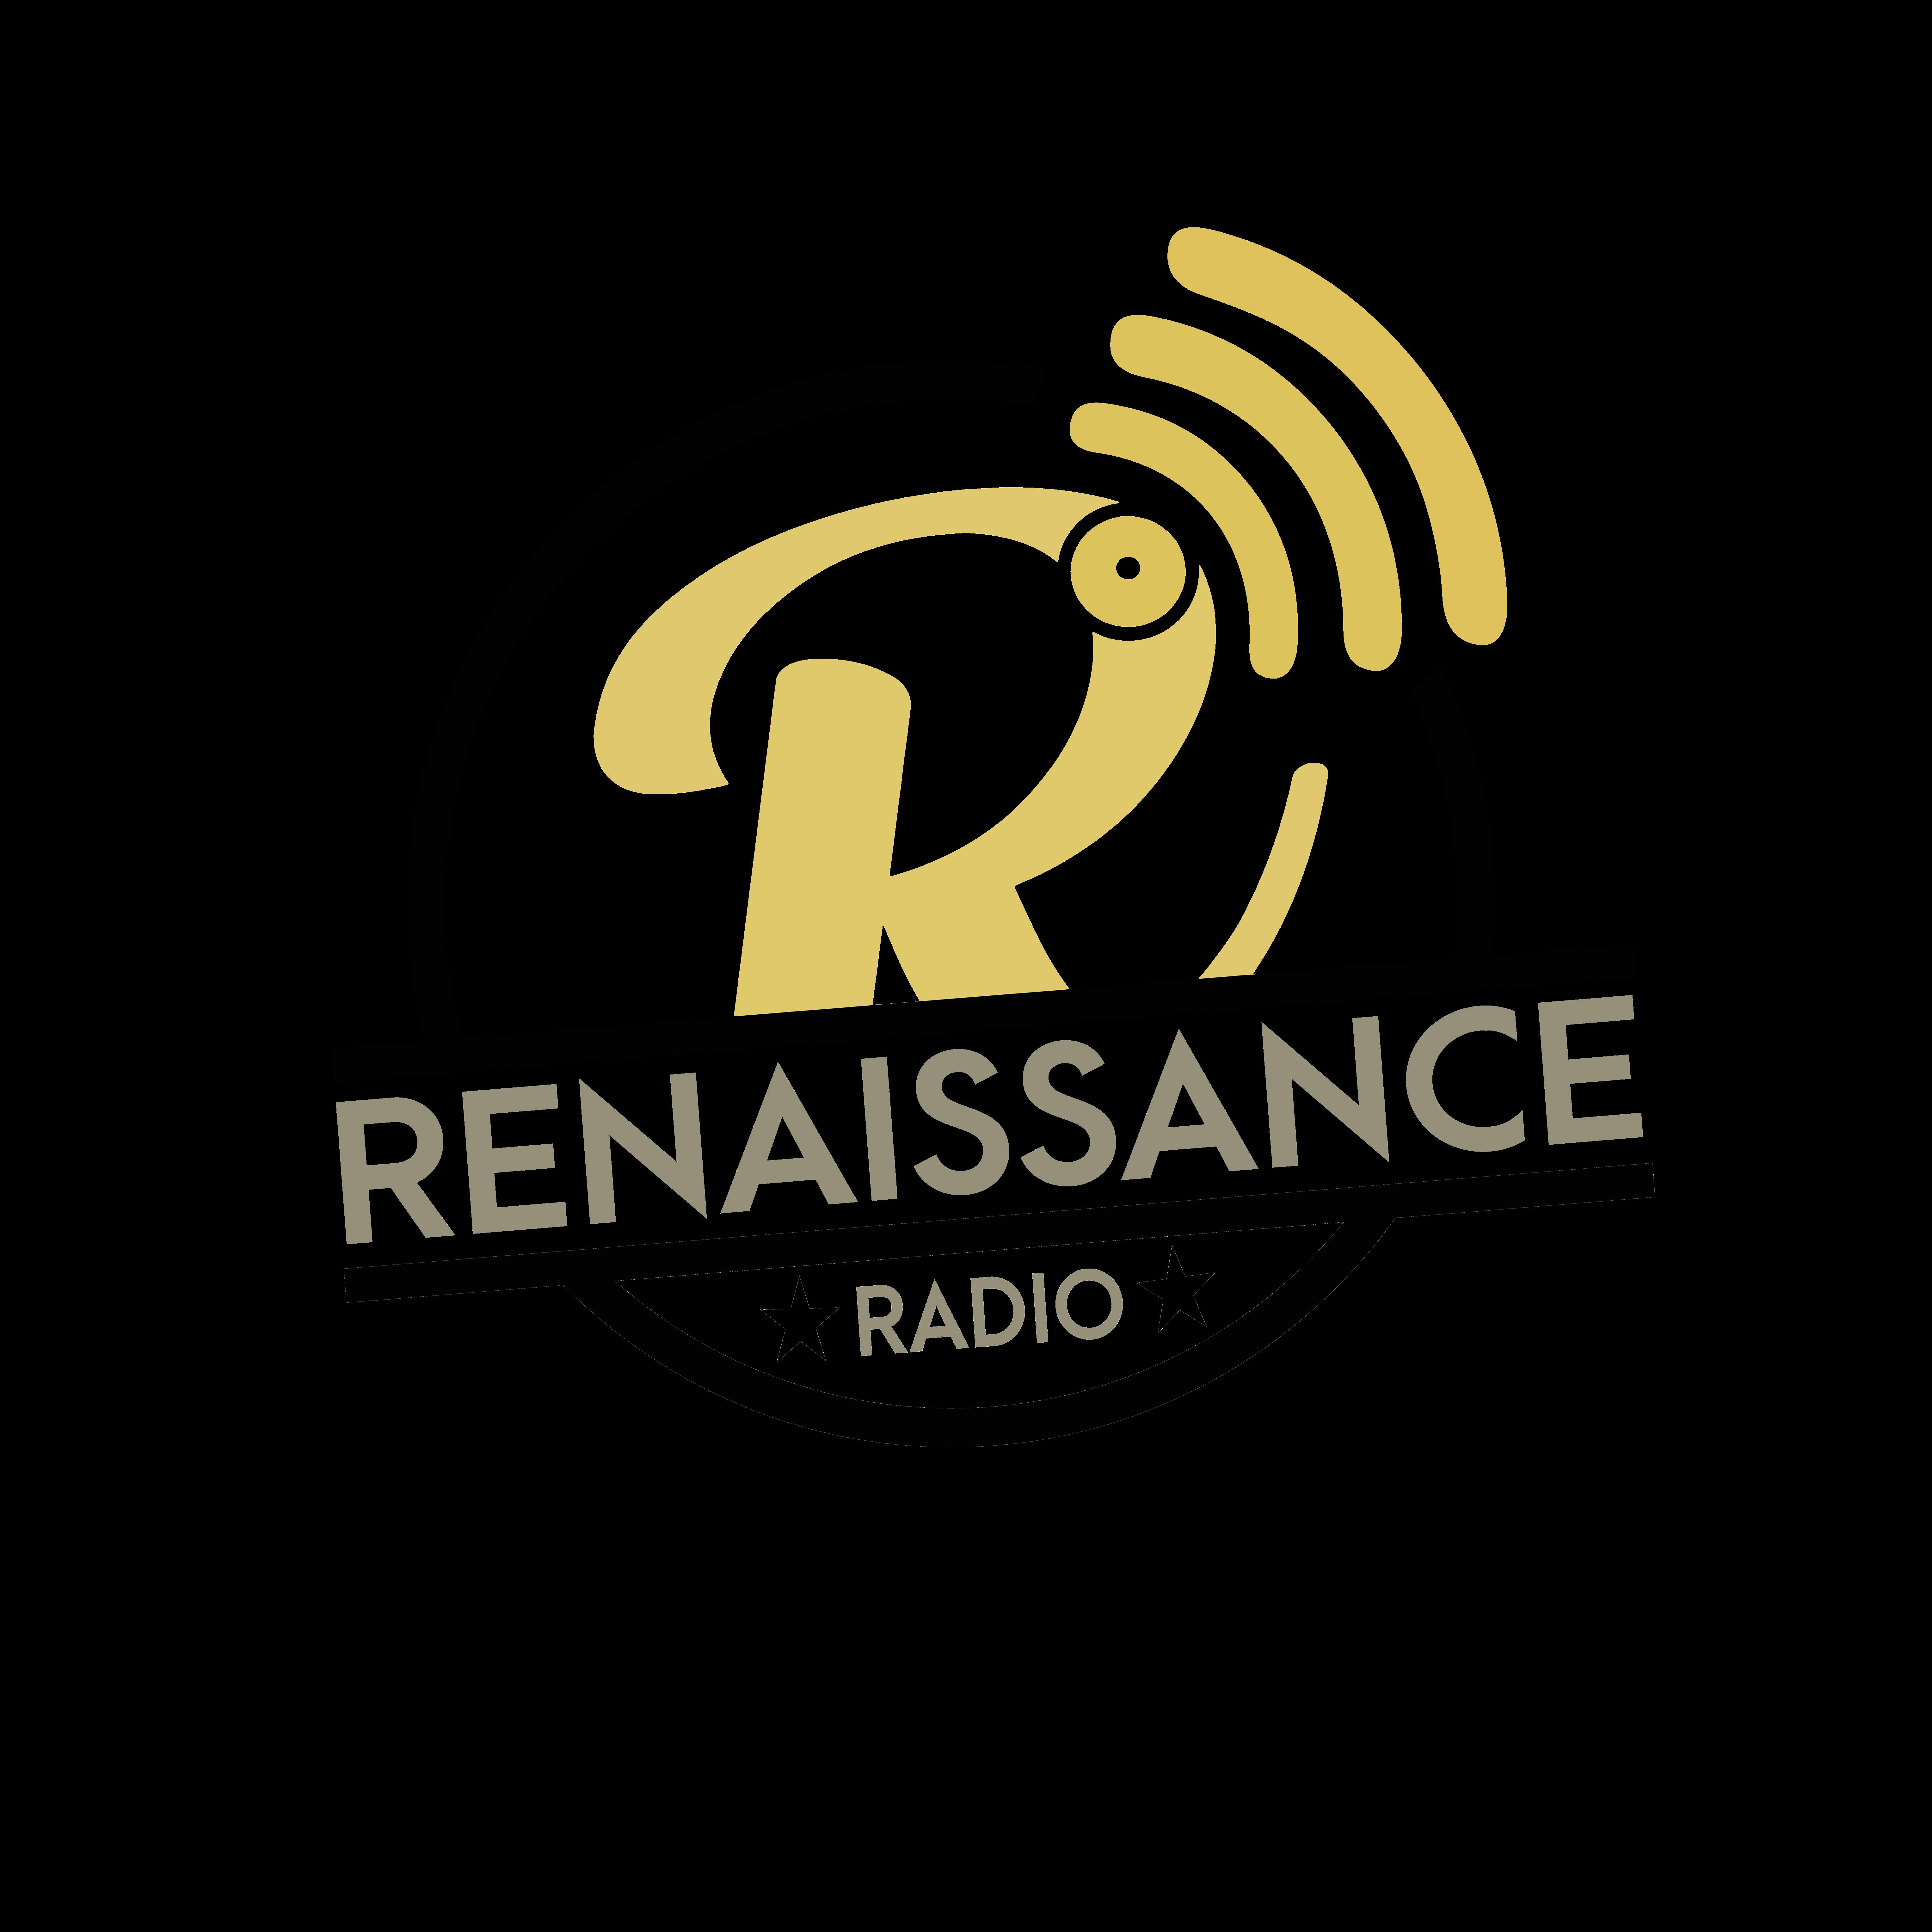 Renaissance Radio (Israel)